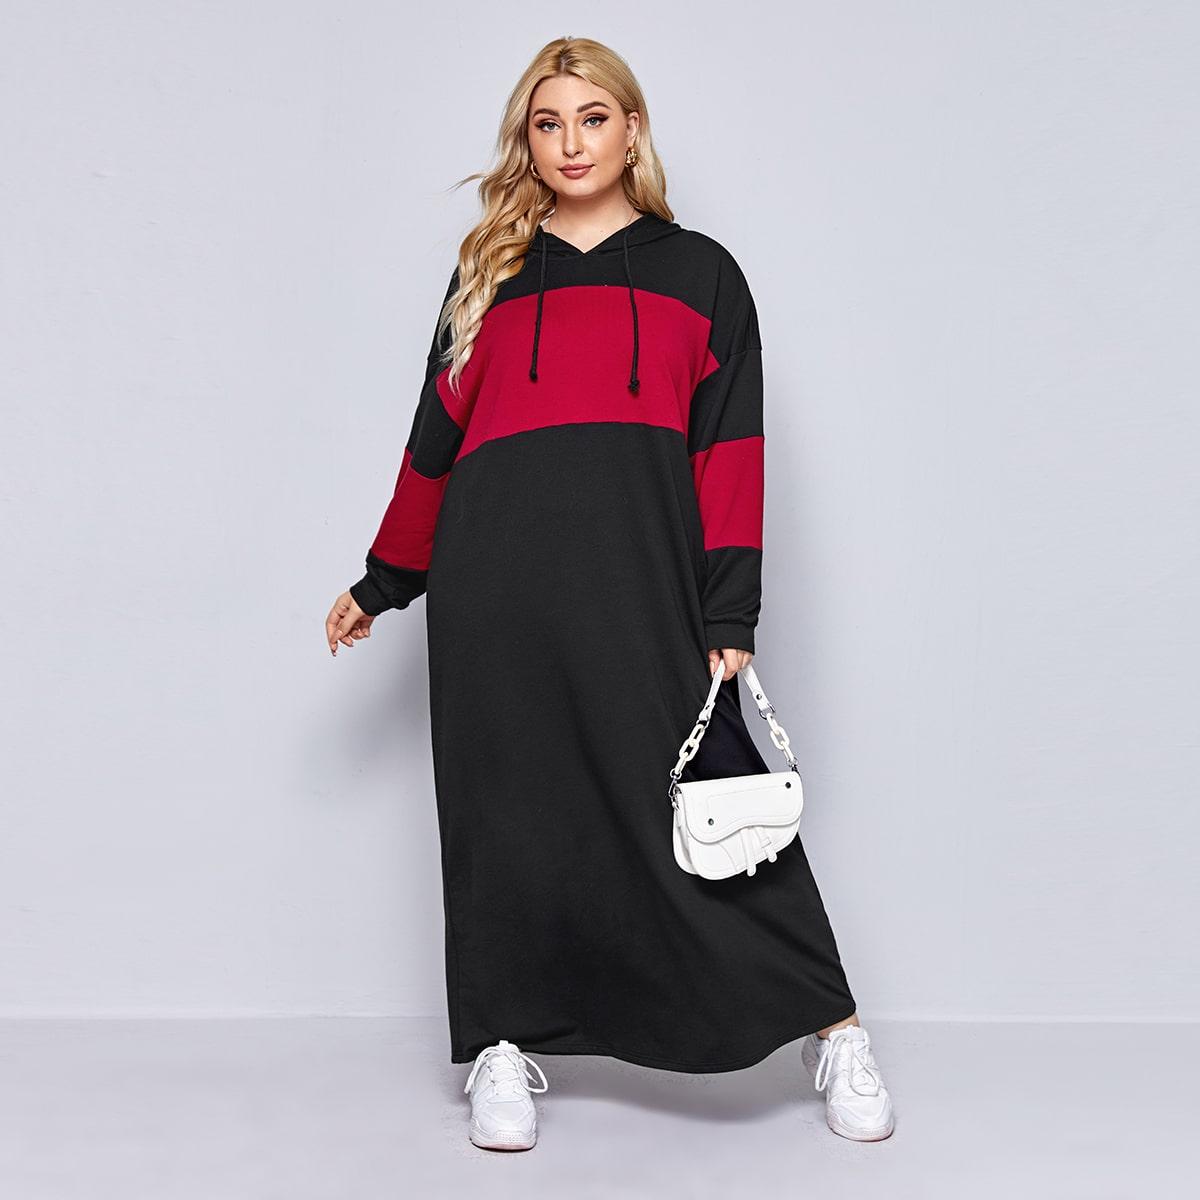 Двухцветное платье с капюшоном размера плюс